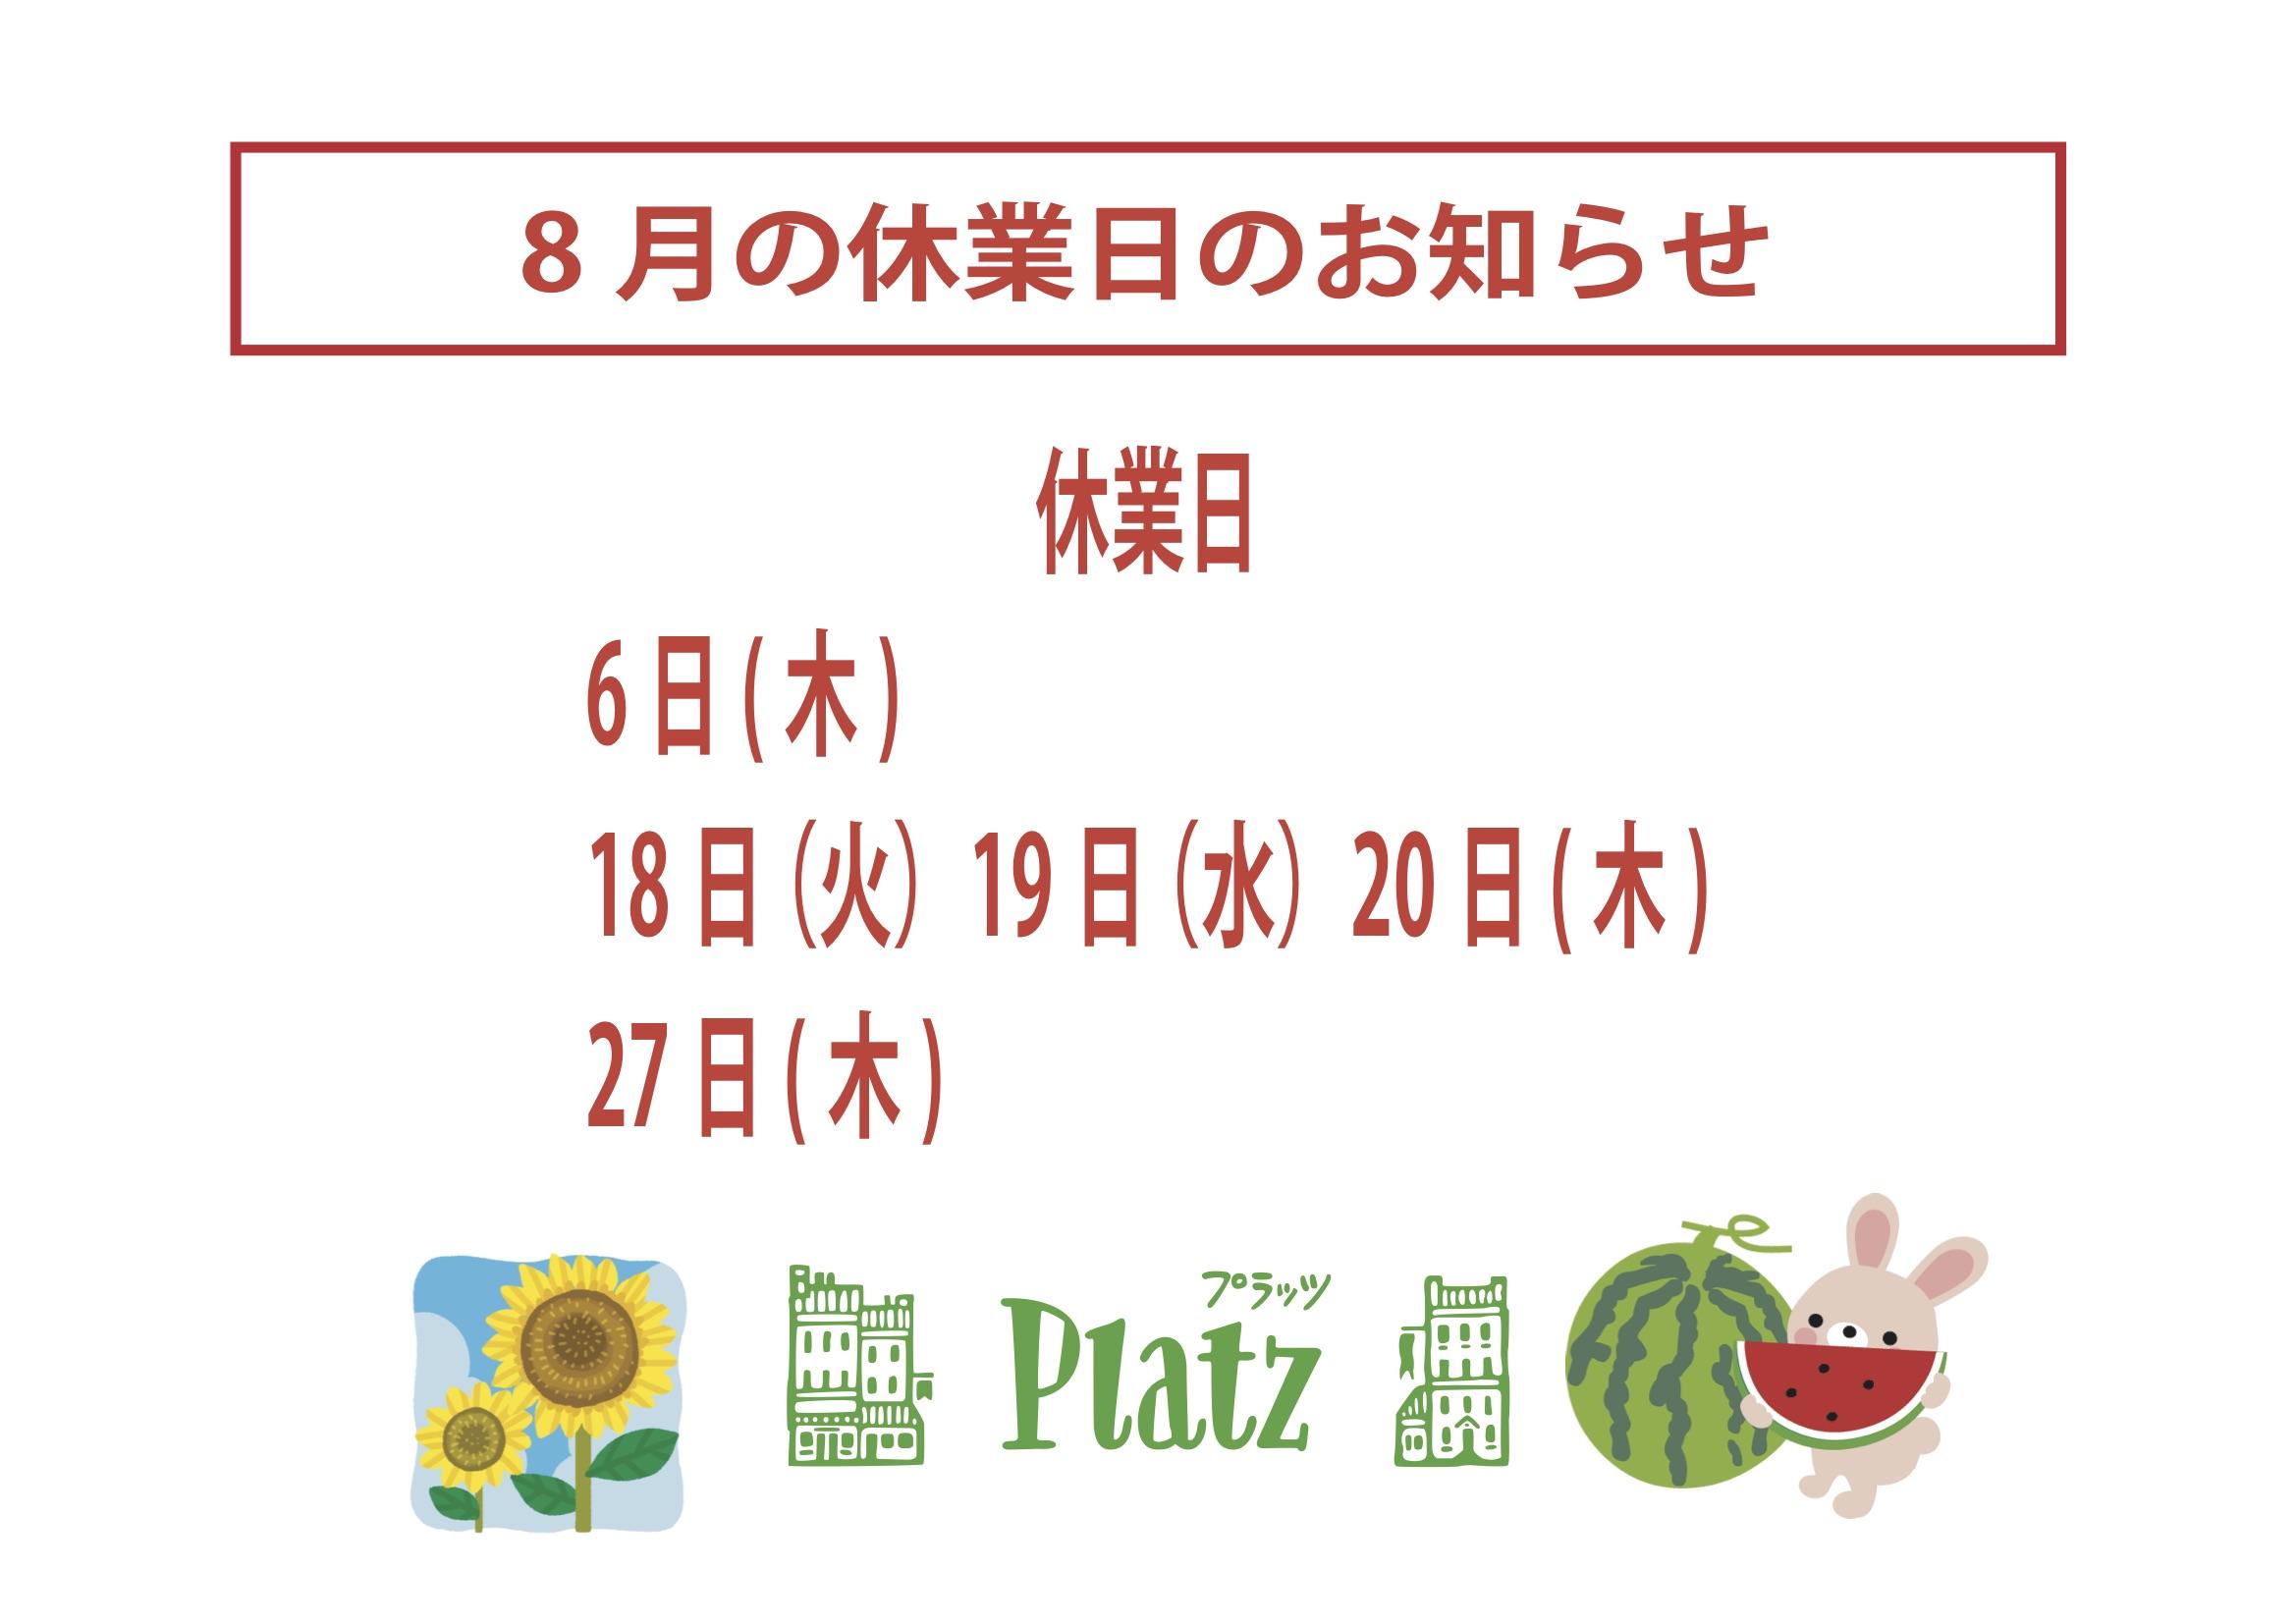 http://www.kyoto-platz.jp/news/images/2020.8%E6%9C%88%E4%BC%91%E6%A5%AD%E6%97%A5.jpg